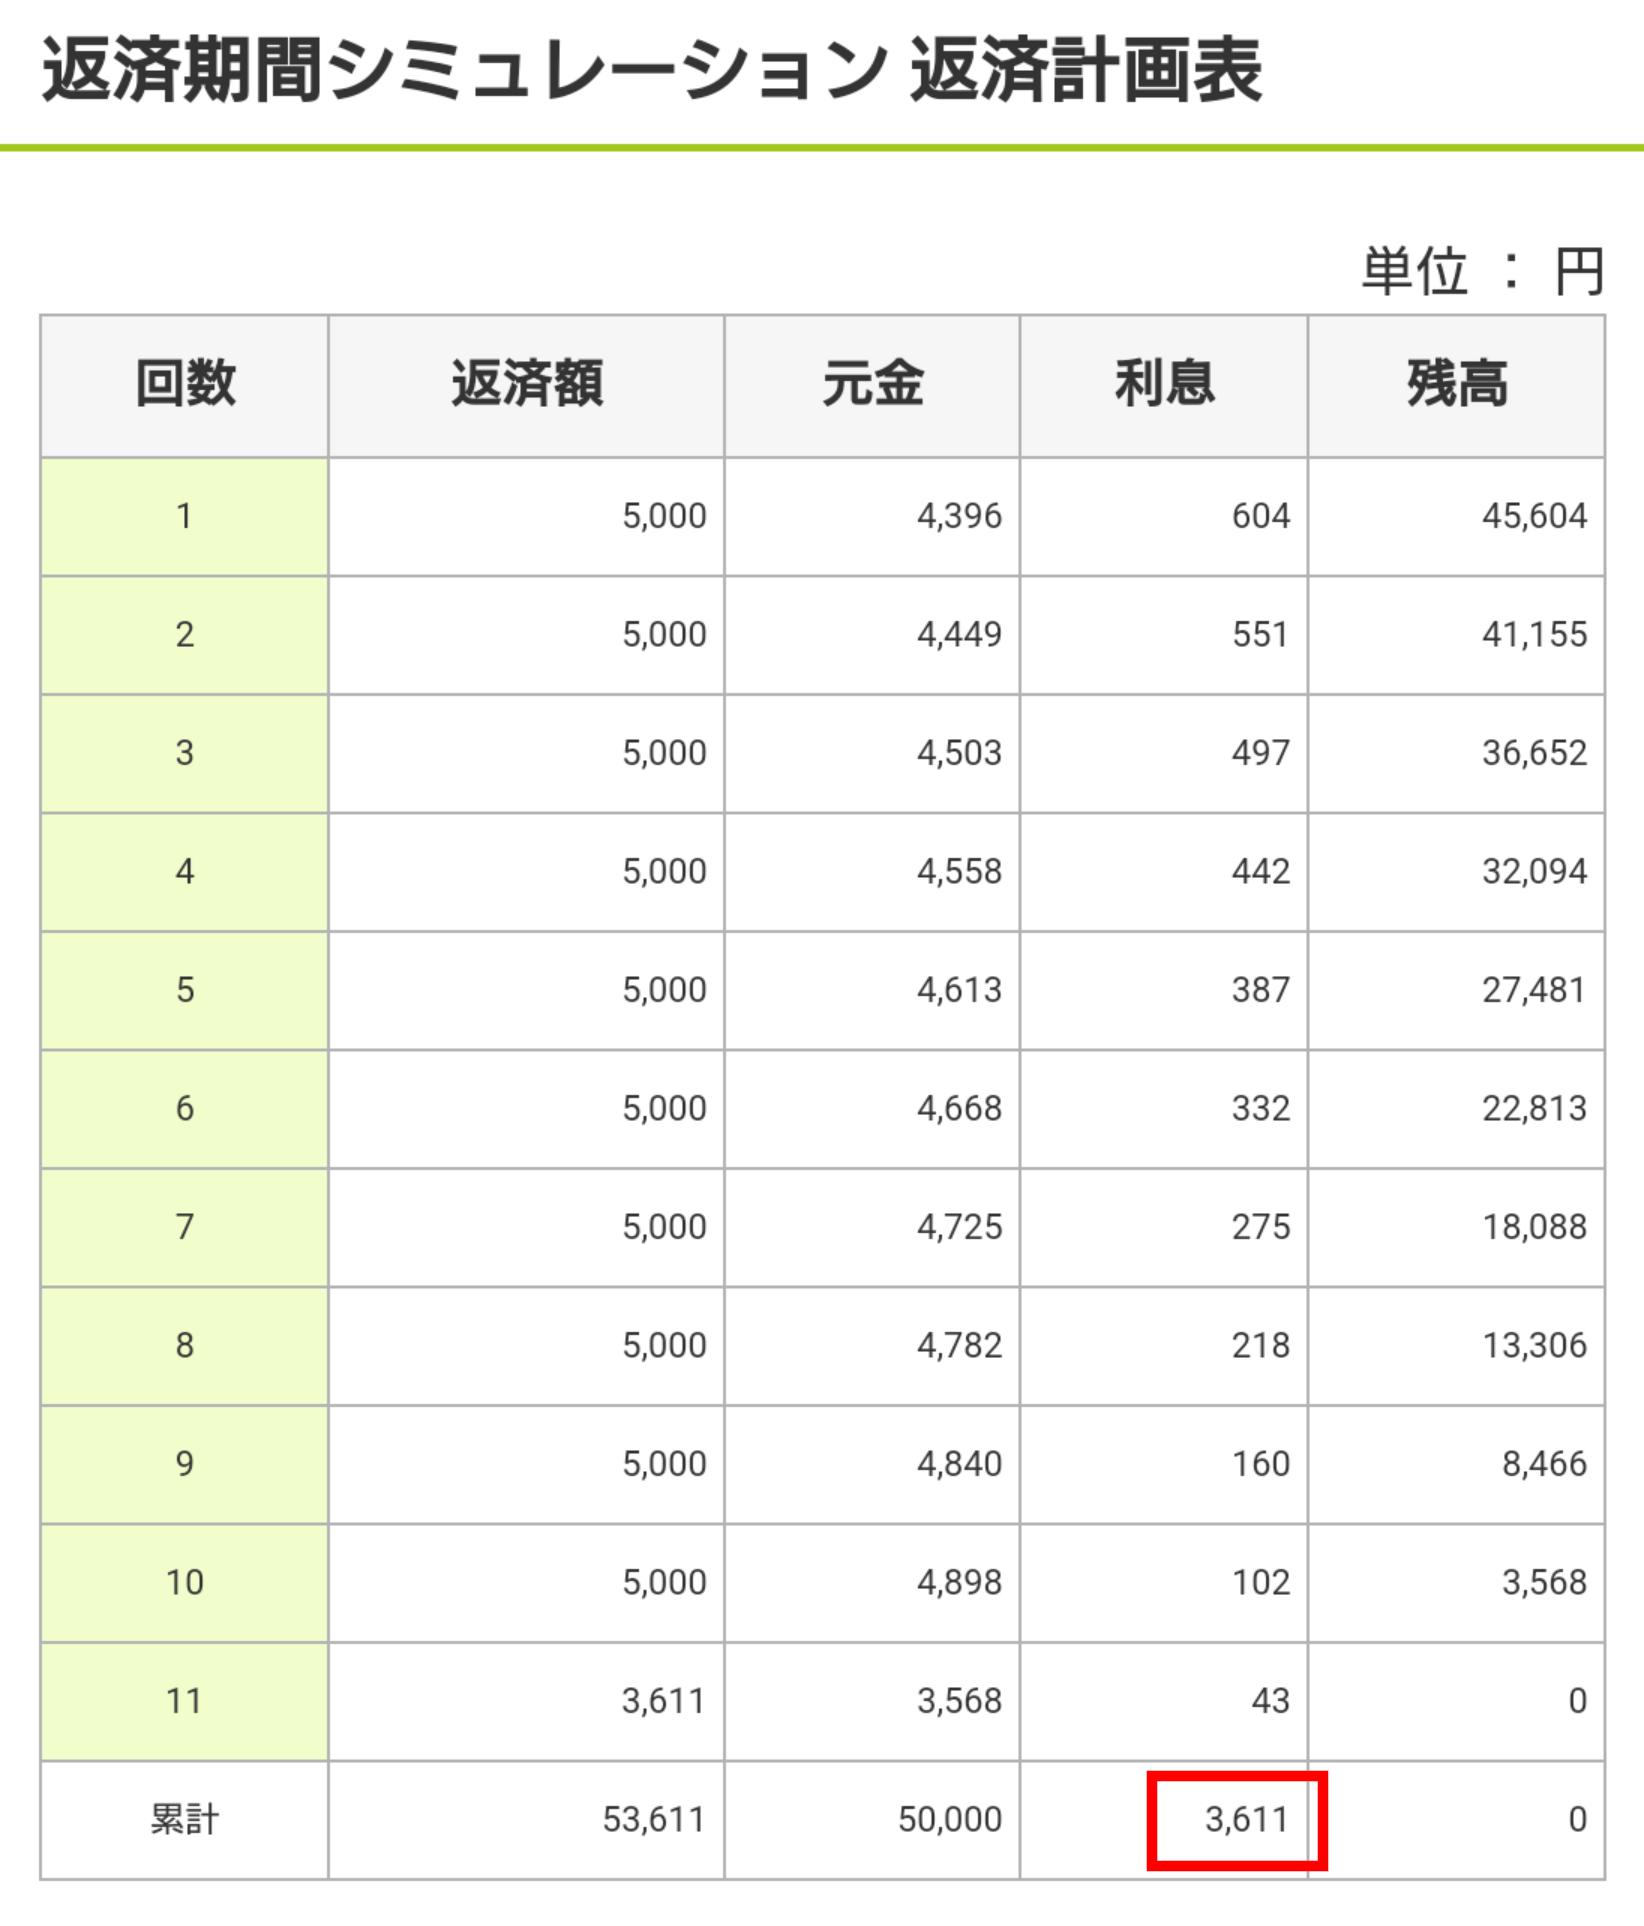 三井住友銀行カードローンで5万円を返済シミュレーションをした時の利息